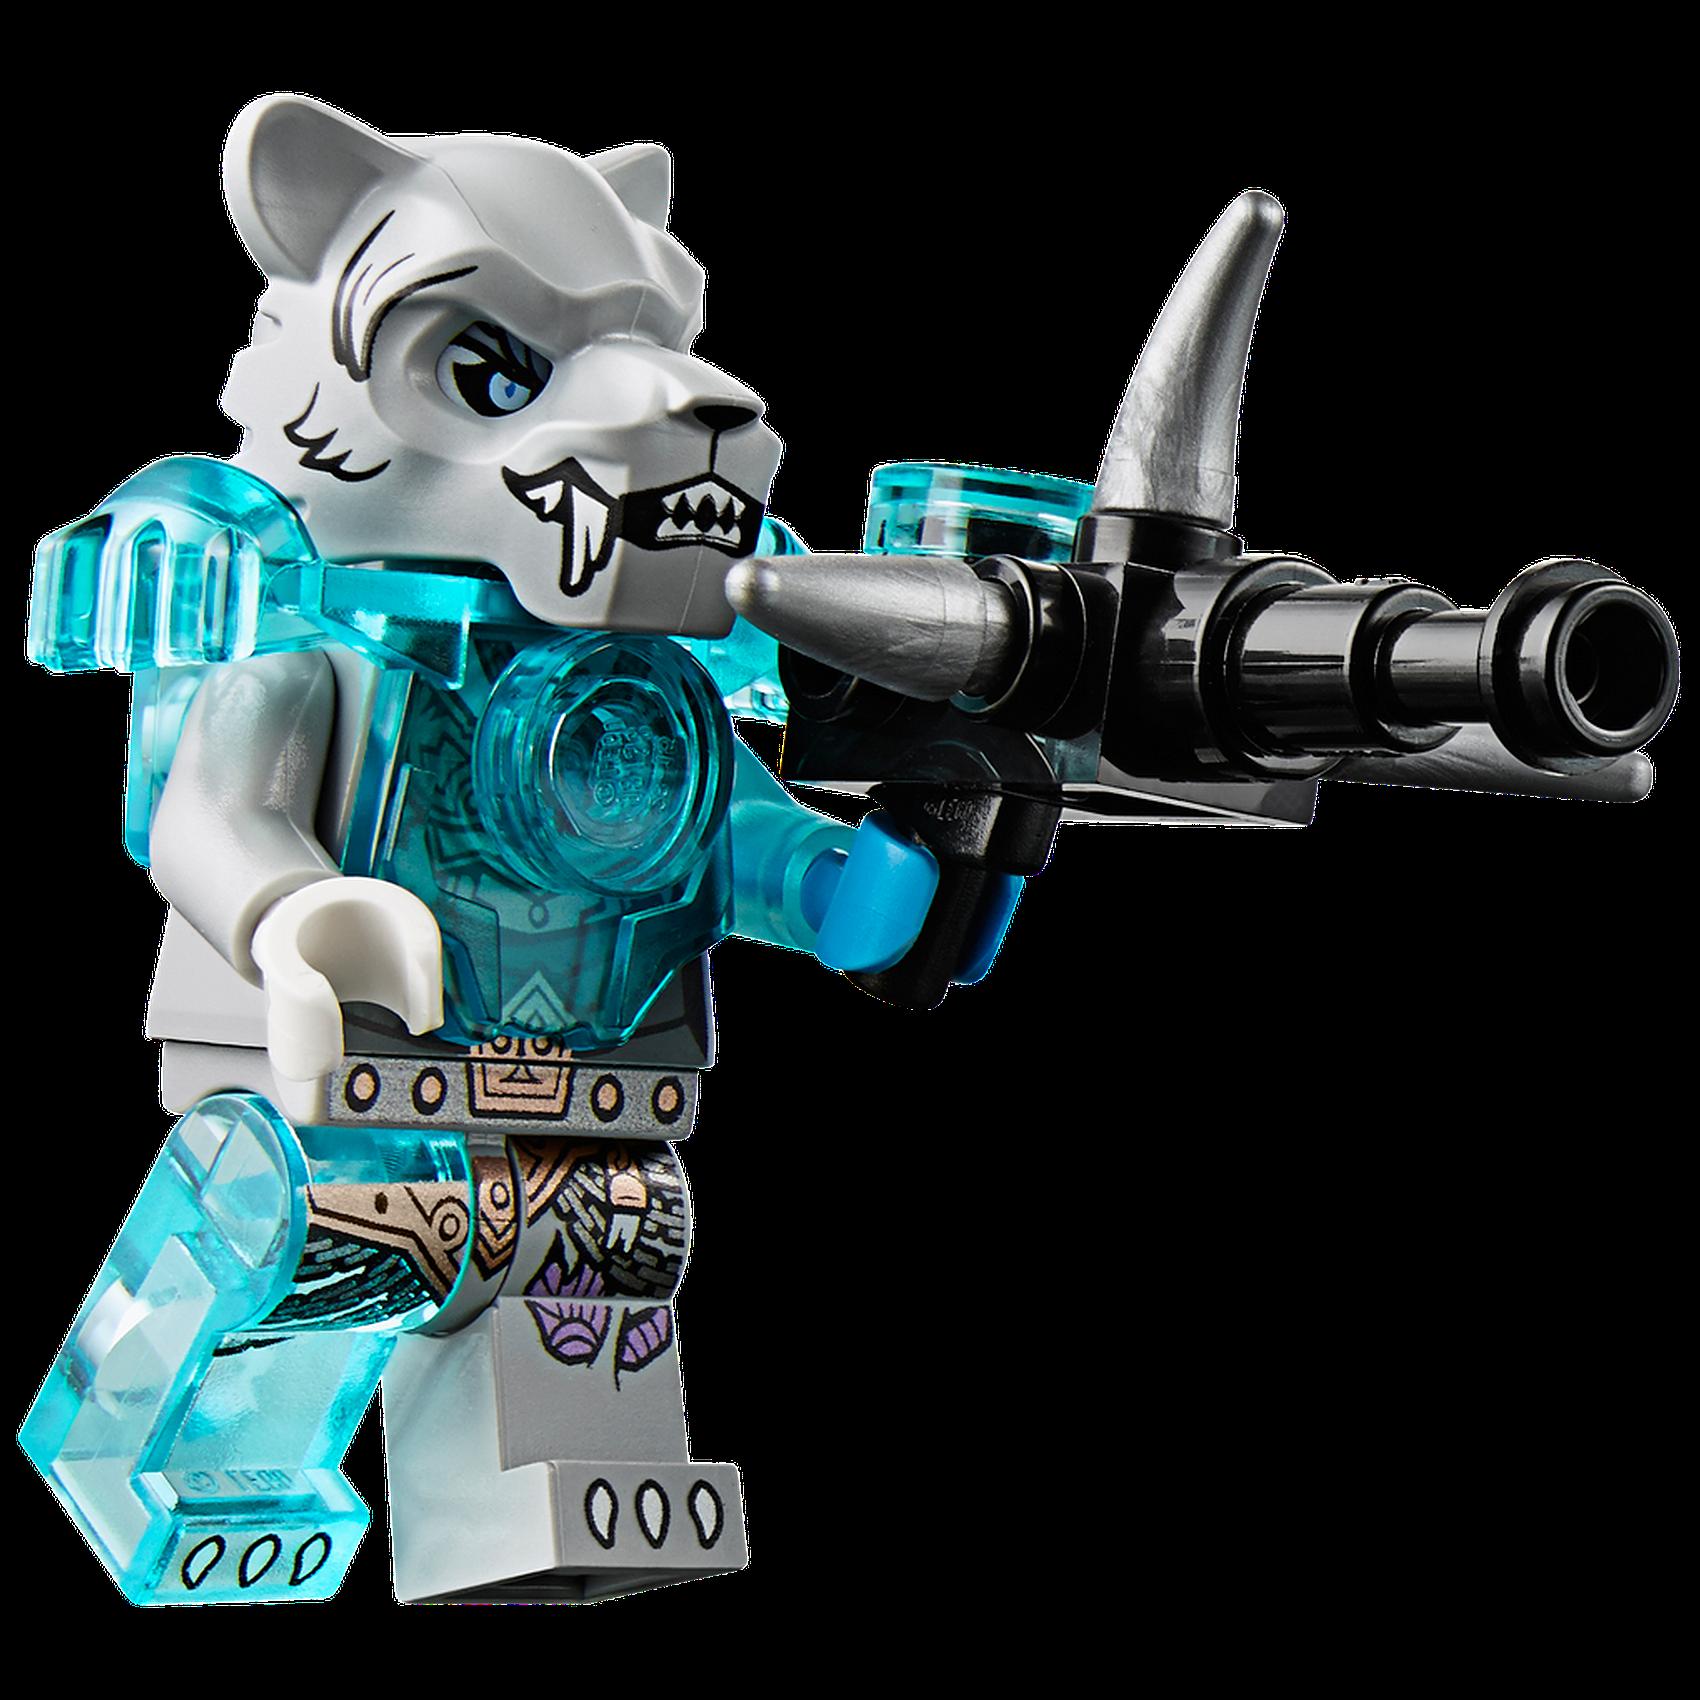 Sibress wiki lego fandom powered by wikia - Lego chima saison 2 ...